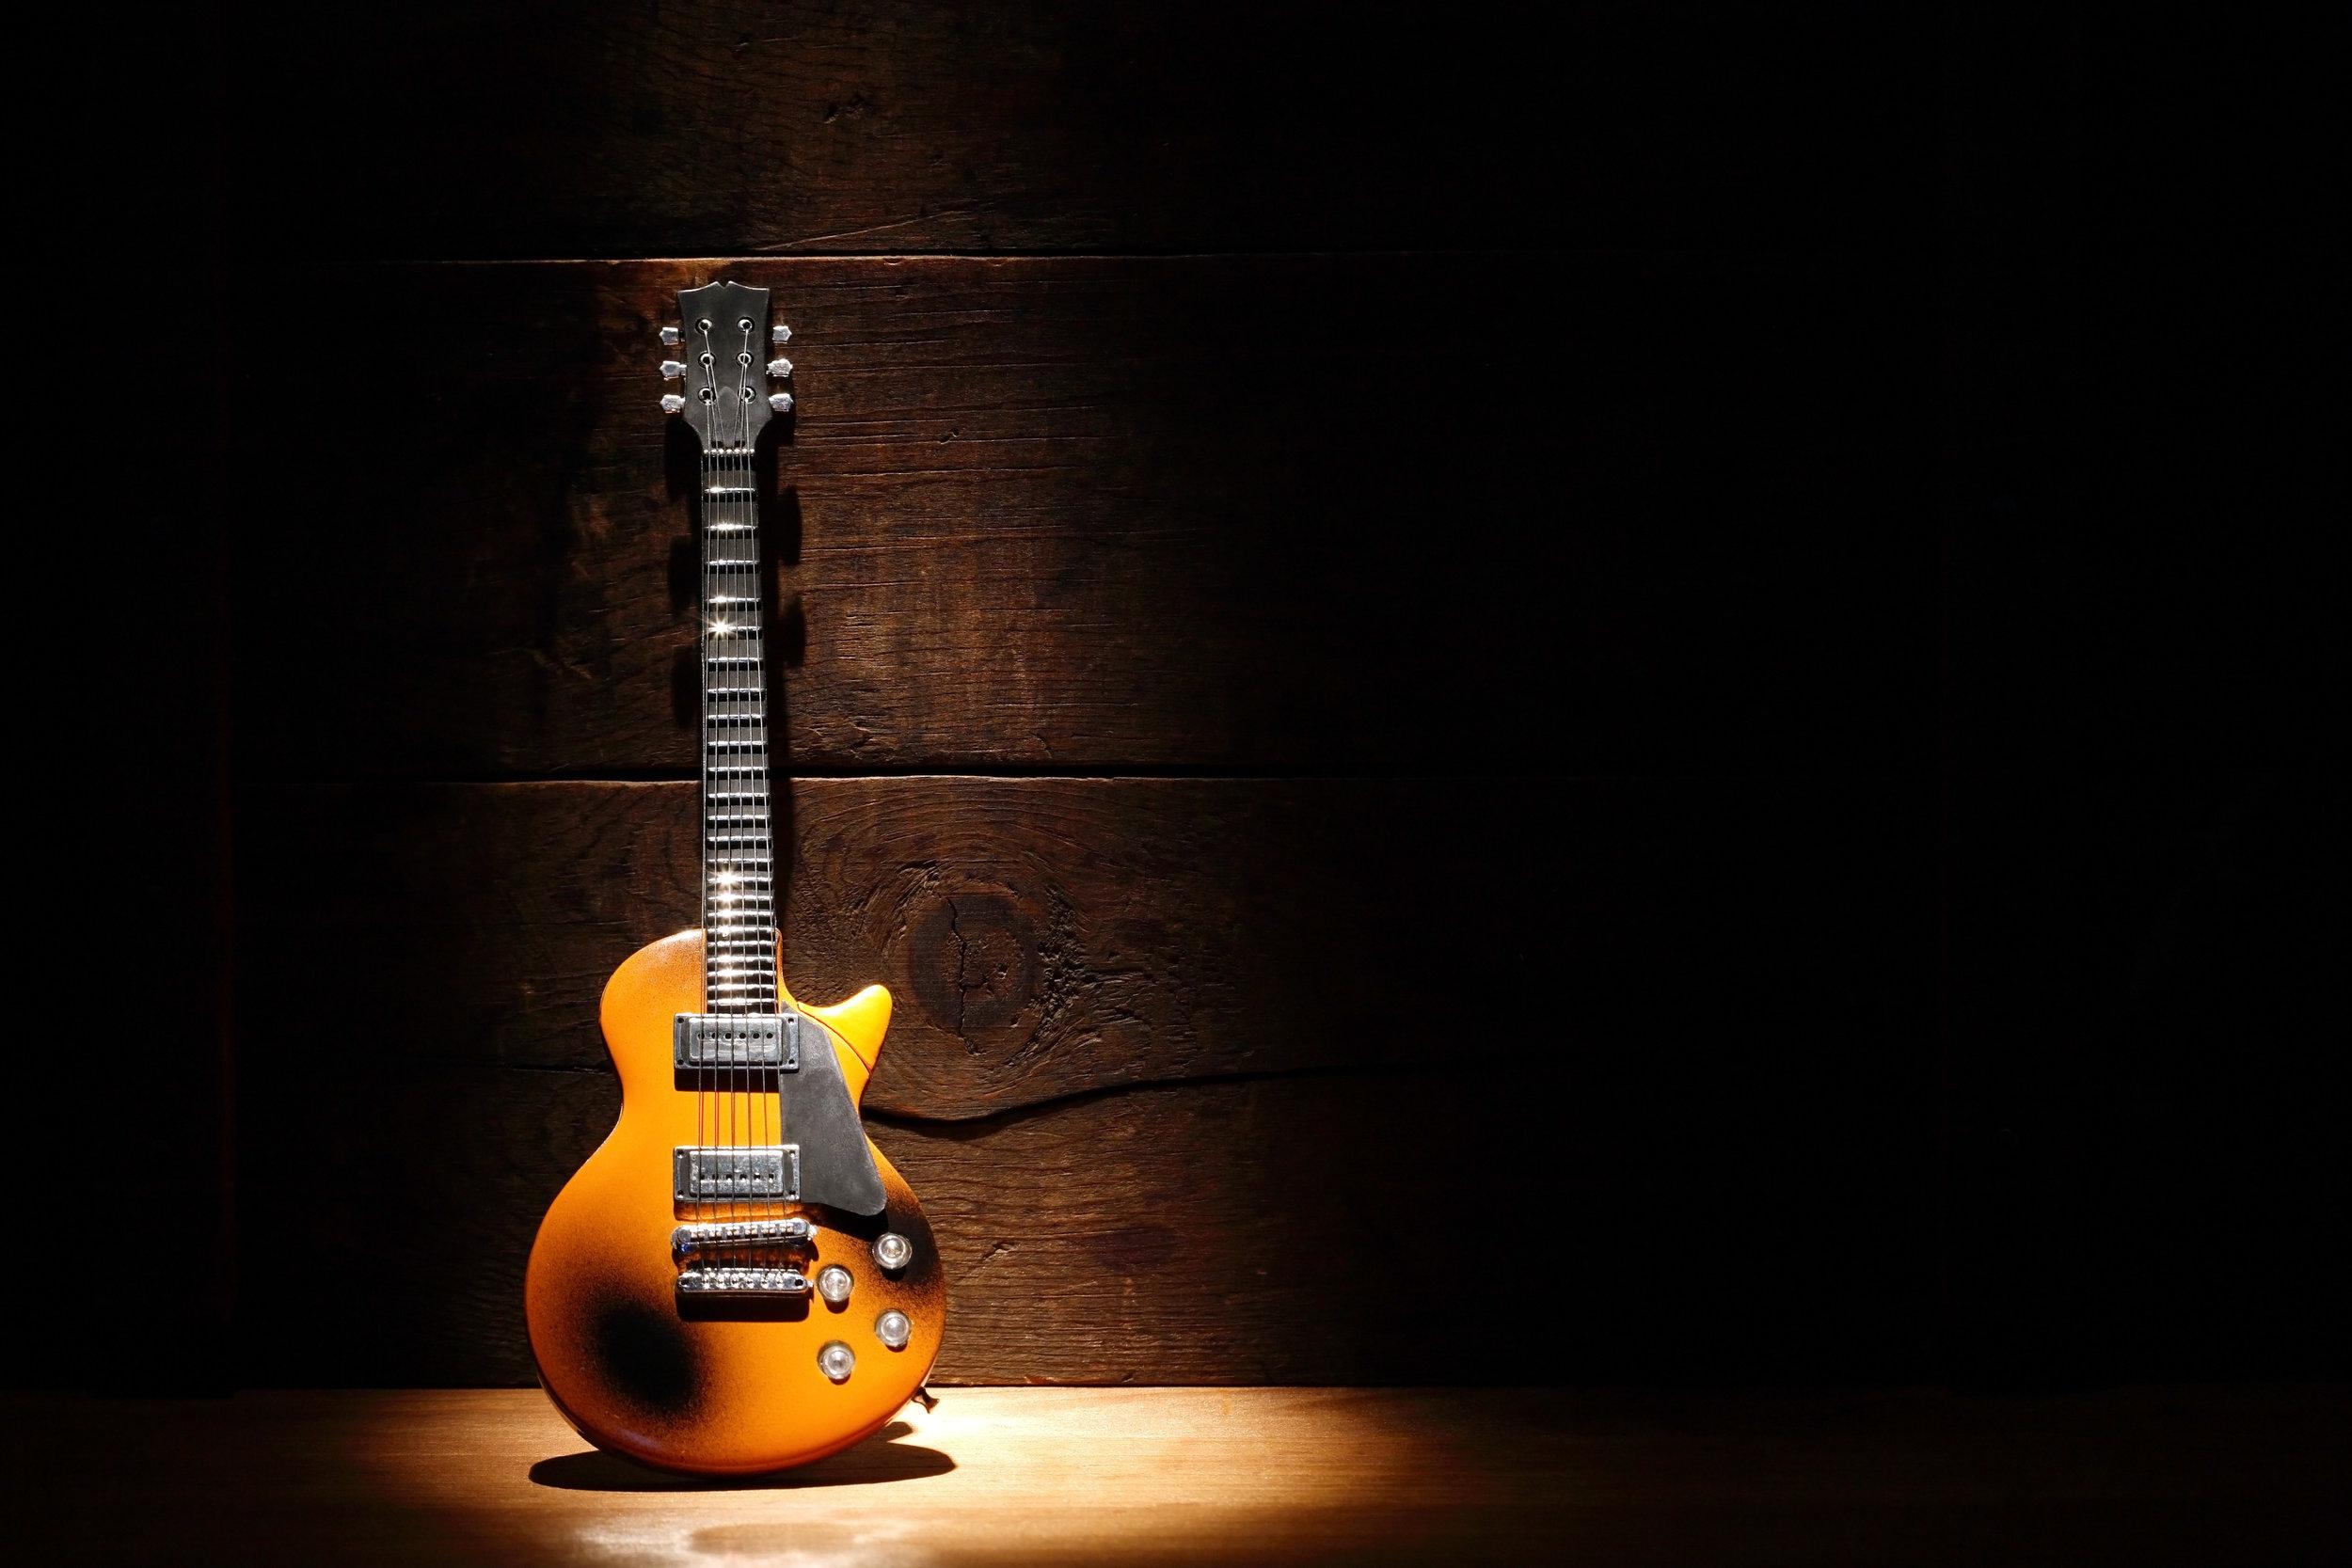 guitars - Basses / Acoustics / Electrics